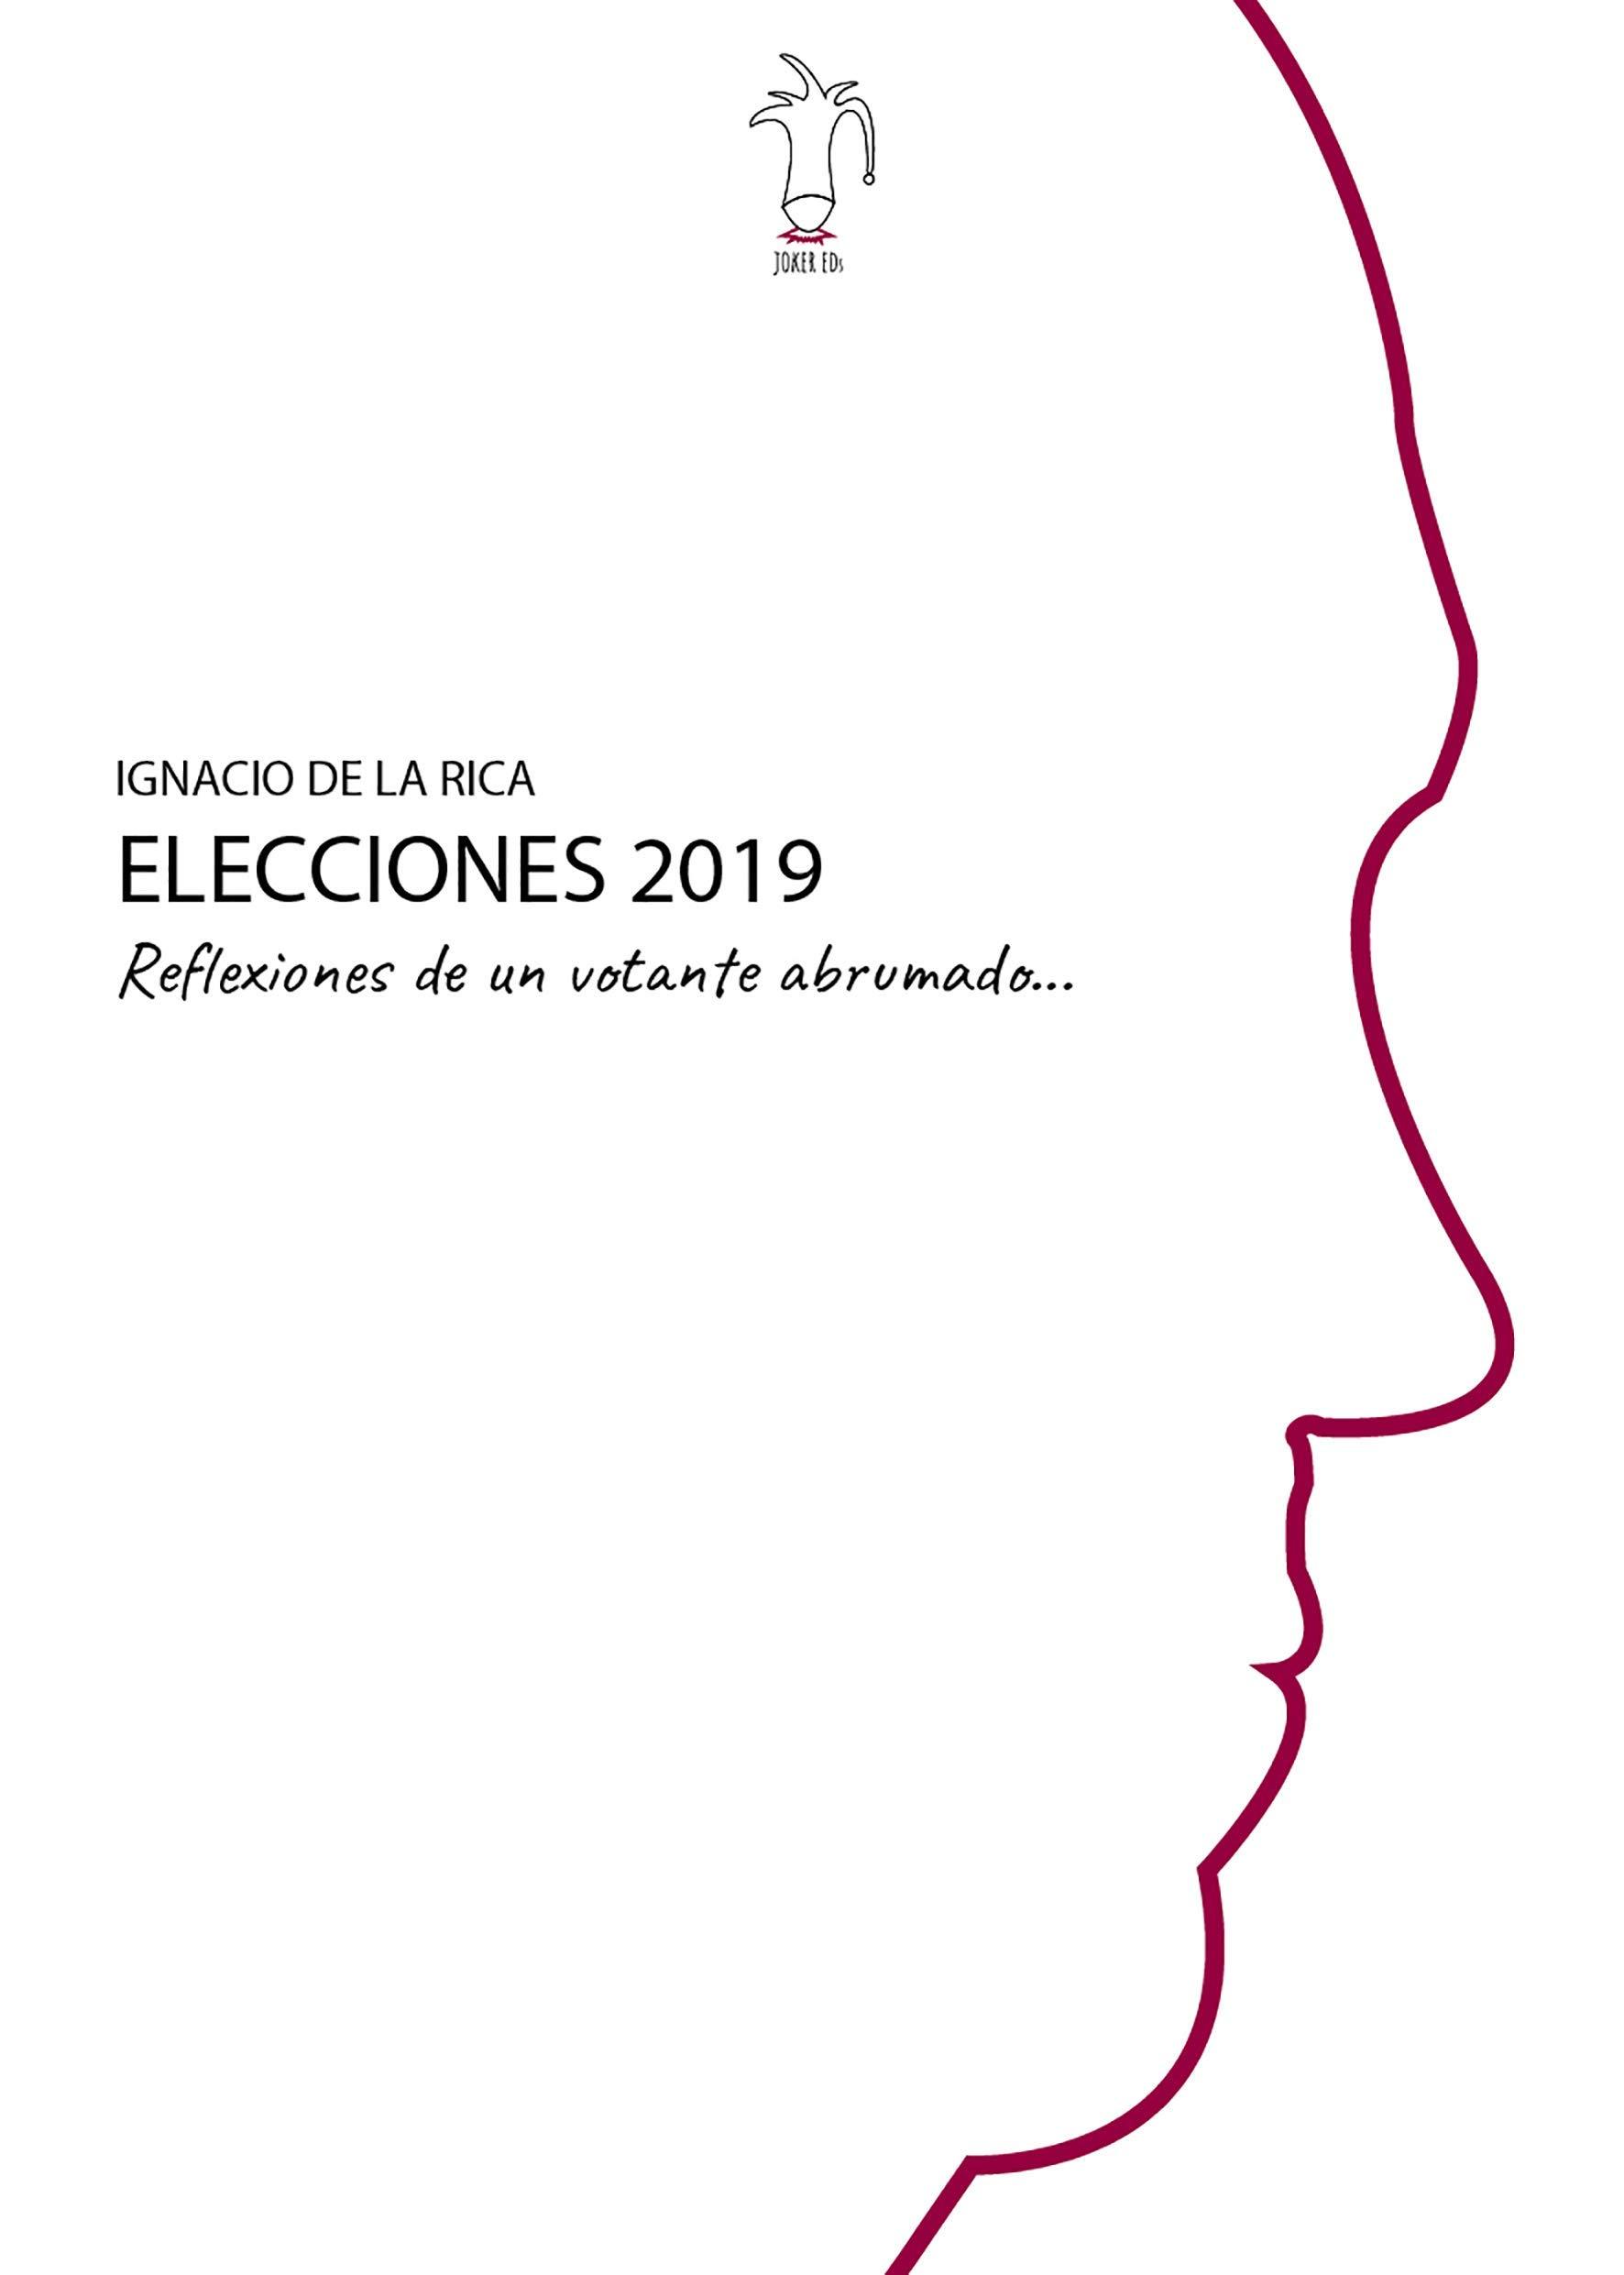 Reflexiones de un votante abrumado: Elecciones 2019